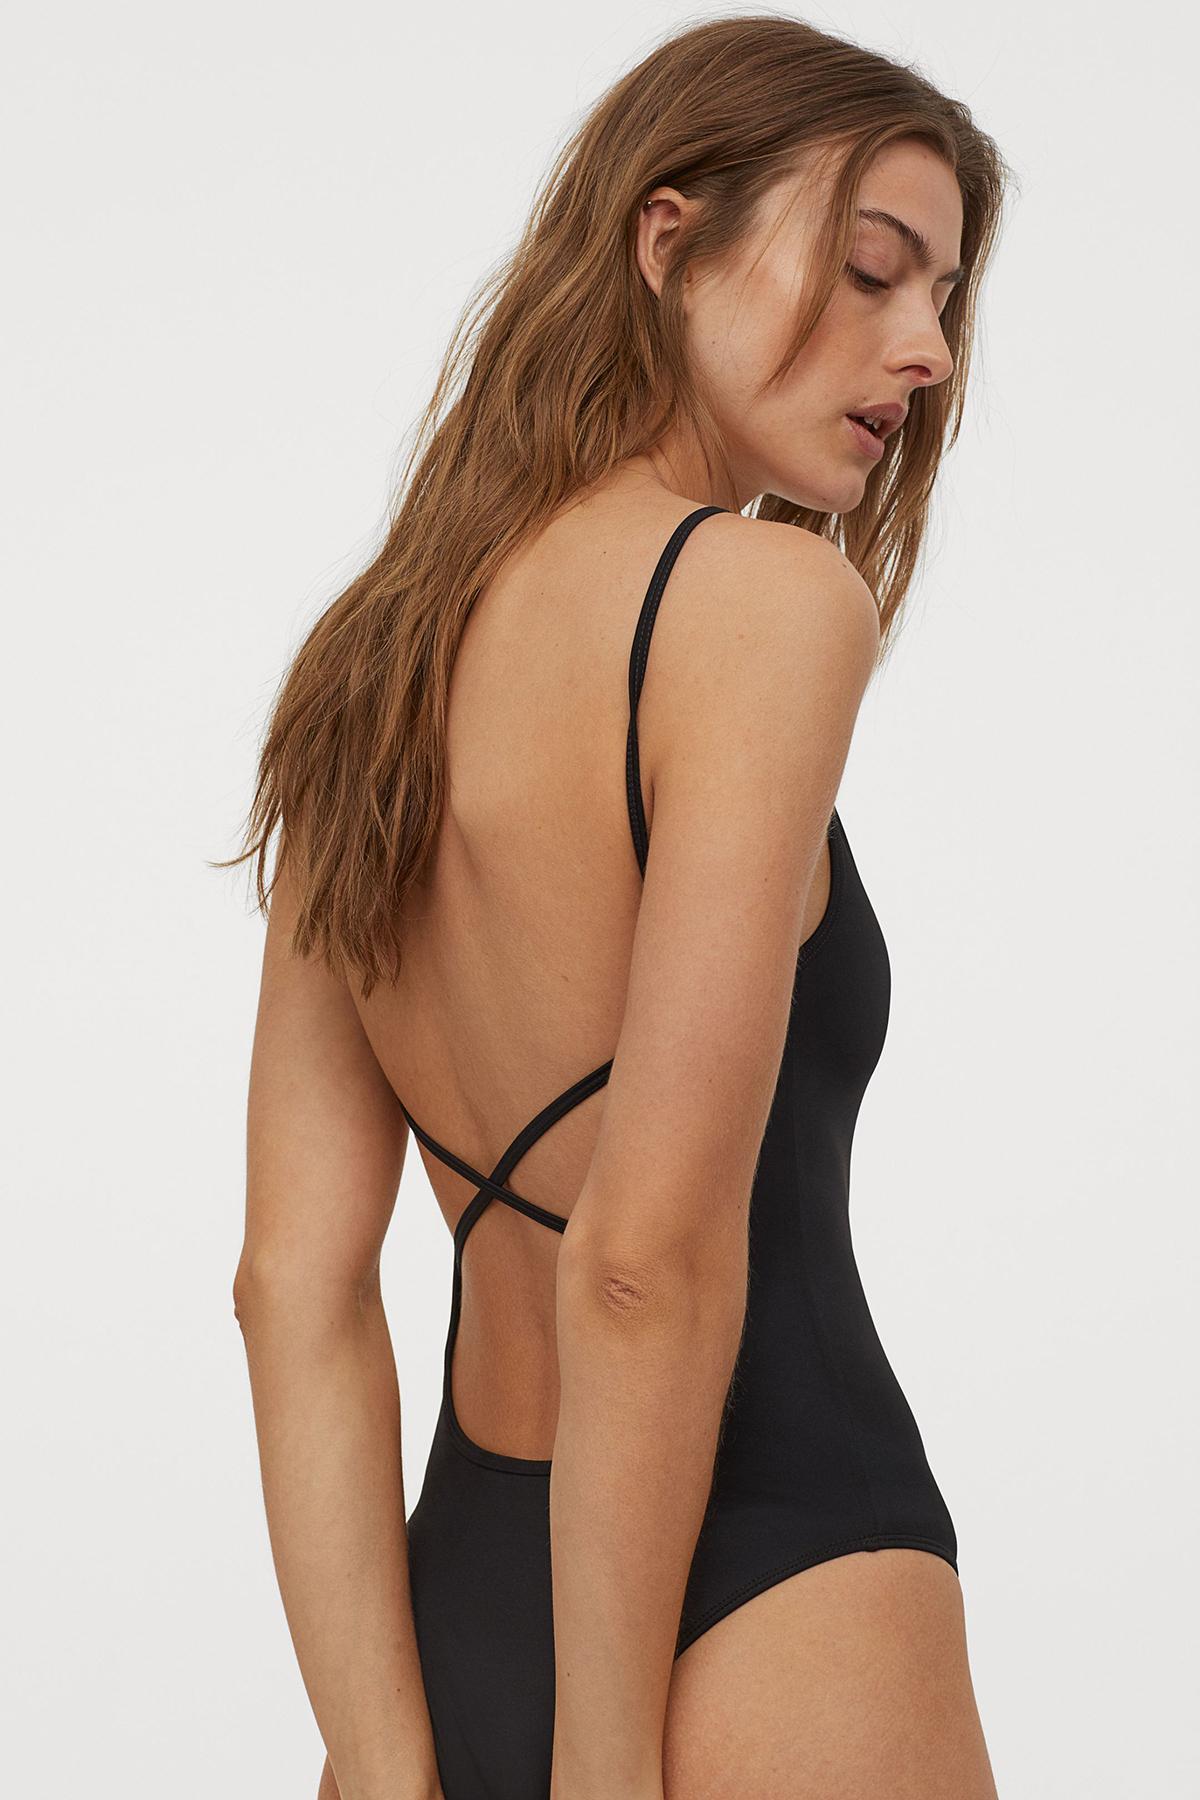 Đang muốn tìm bodysuit đi biển, đừng quên đến H&M vì bạn cũng sẽ có không ít lựa chọn. Dáng đồ tắm một mảnh khoét hông cao giá 350k còn có thể phối cùng quần jeans để dạo phố.